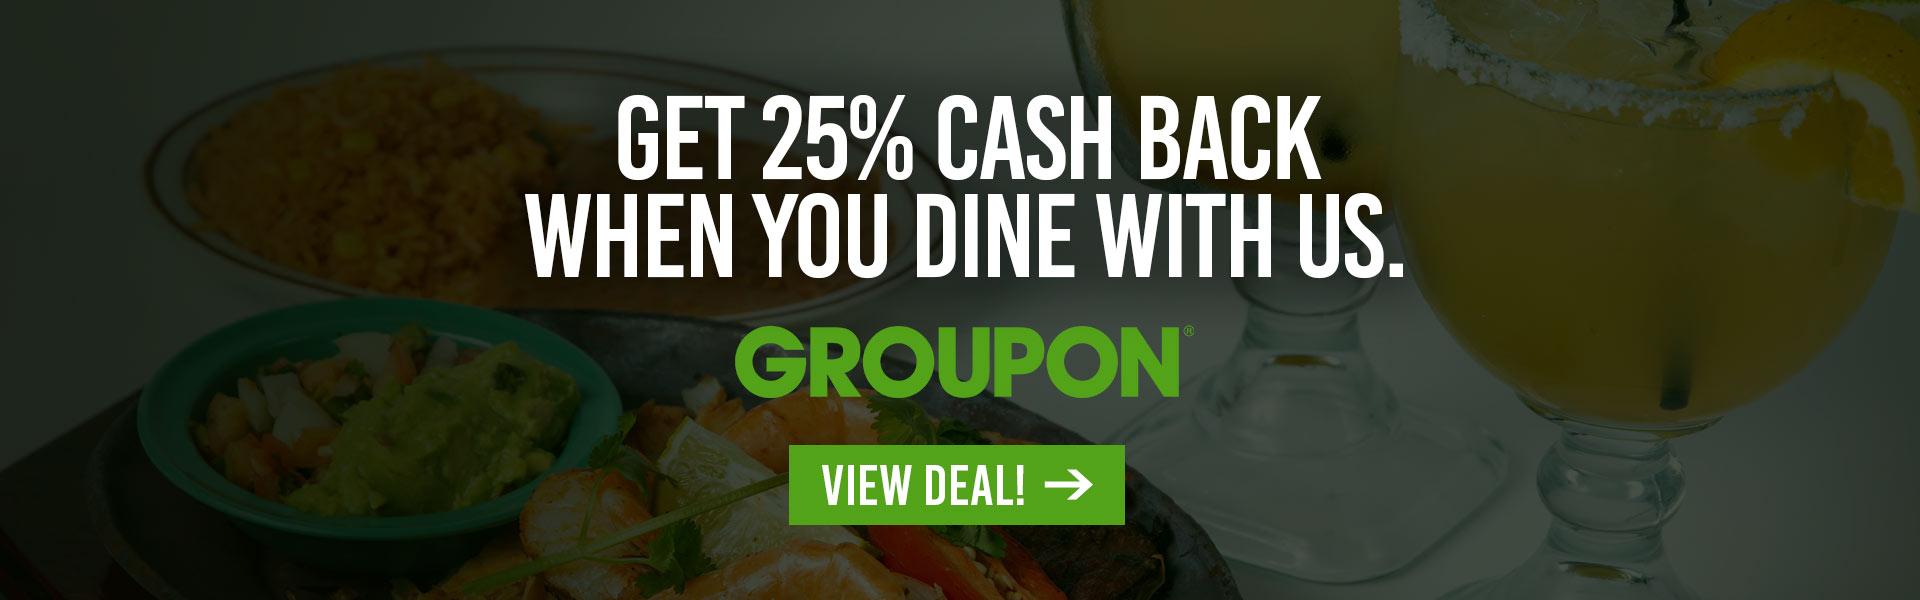 Groupon Discount At Pueblo Viejo Mexican Restaurant Pueblo